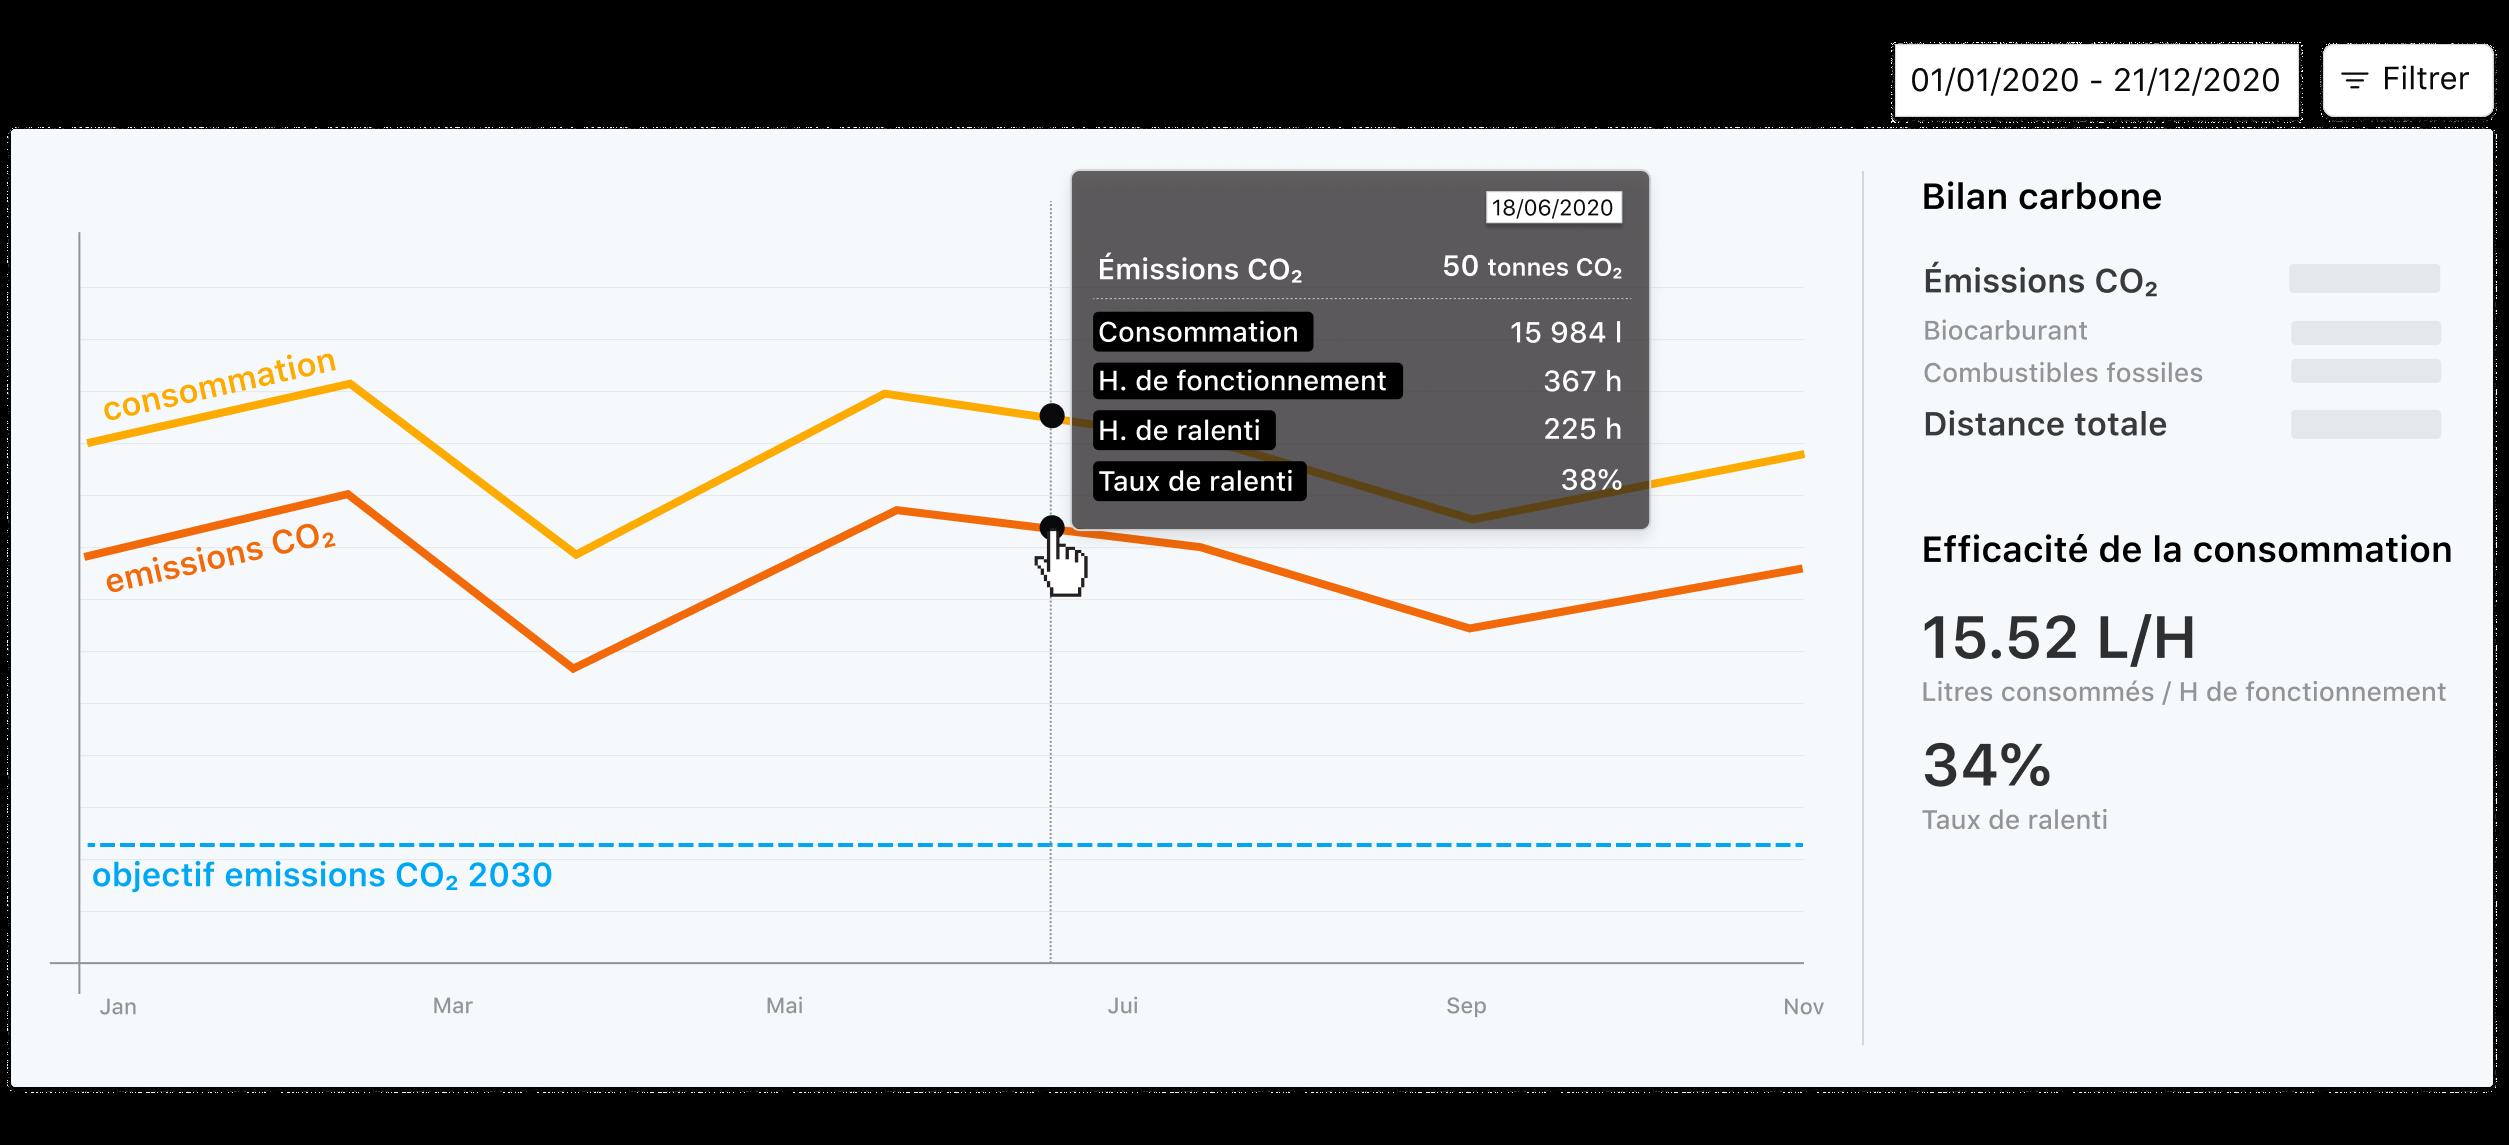 Illustration Hiboo : visualisation des données de suivi d'émissions, consommation et efficacité